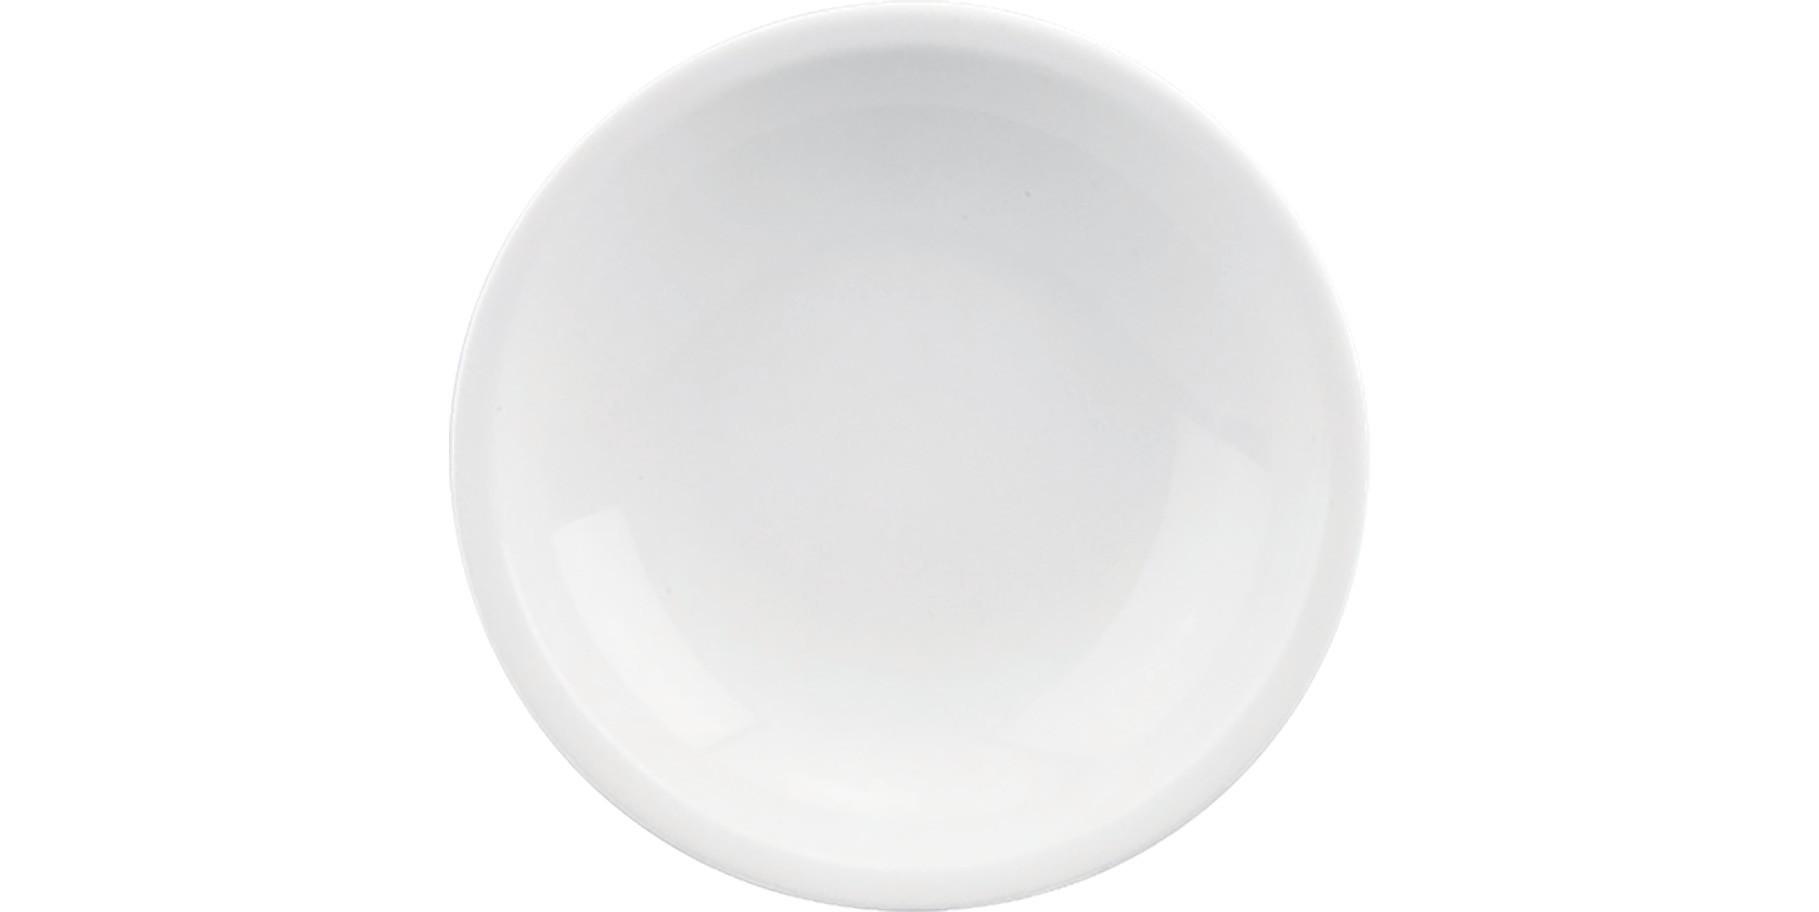 898/598, Coupteller tief ø 194 mm / 0,50 l Form 598